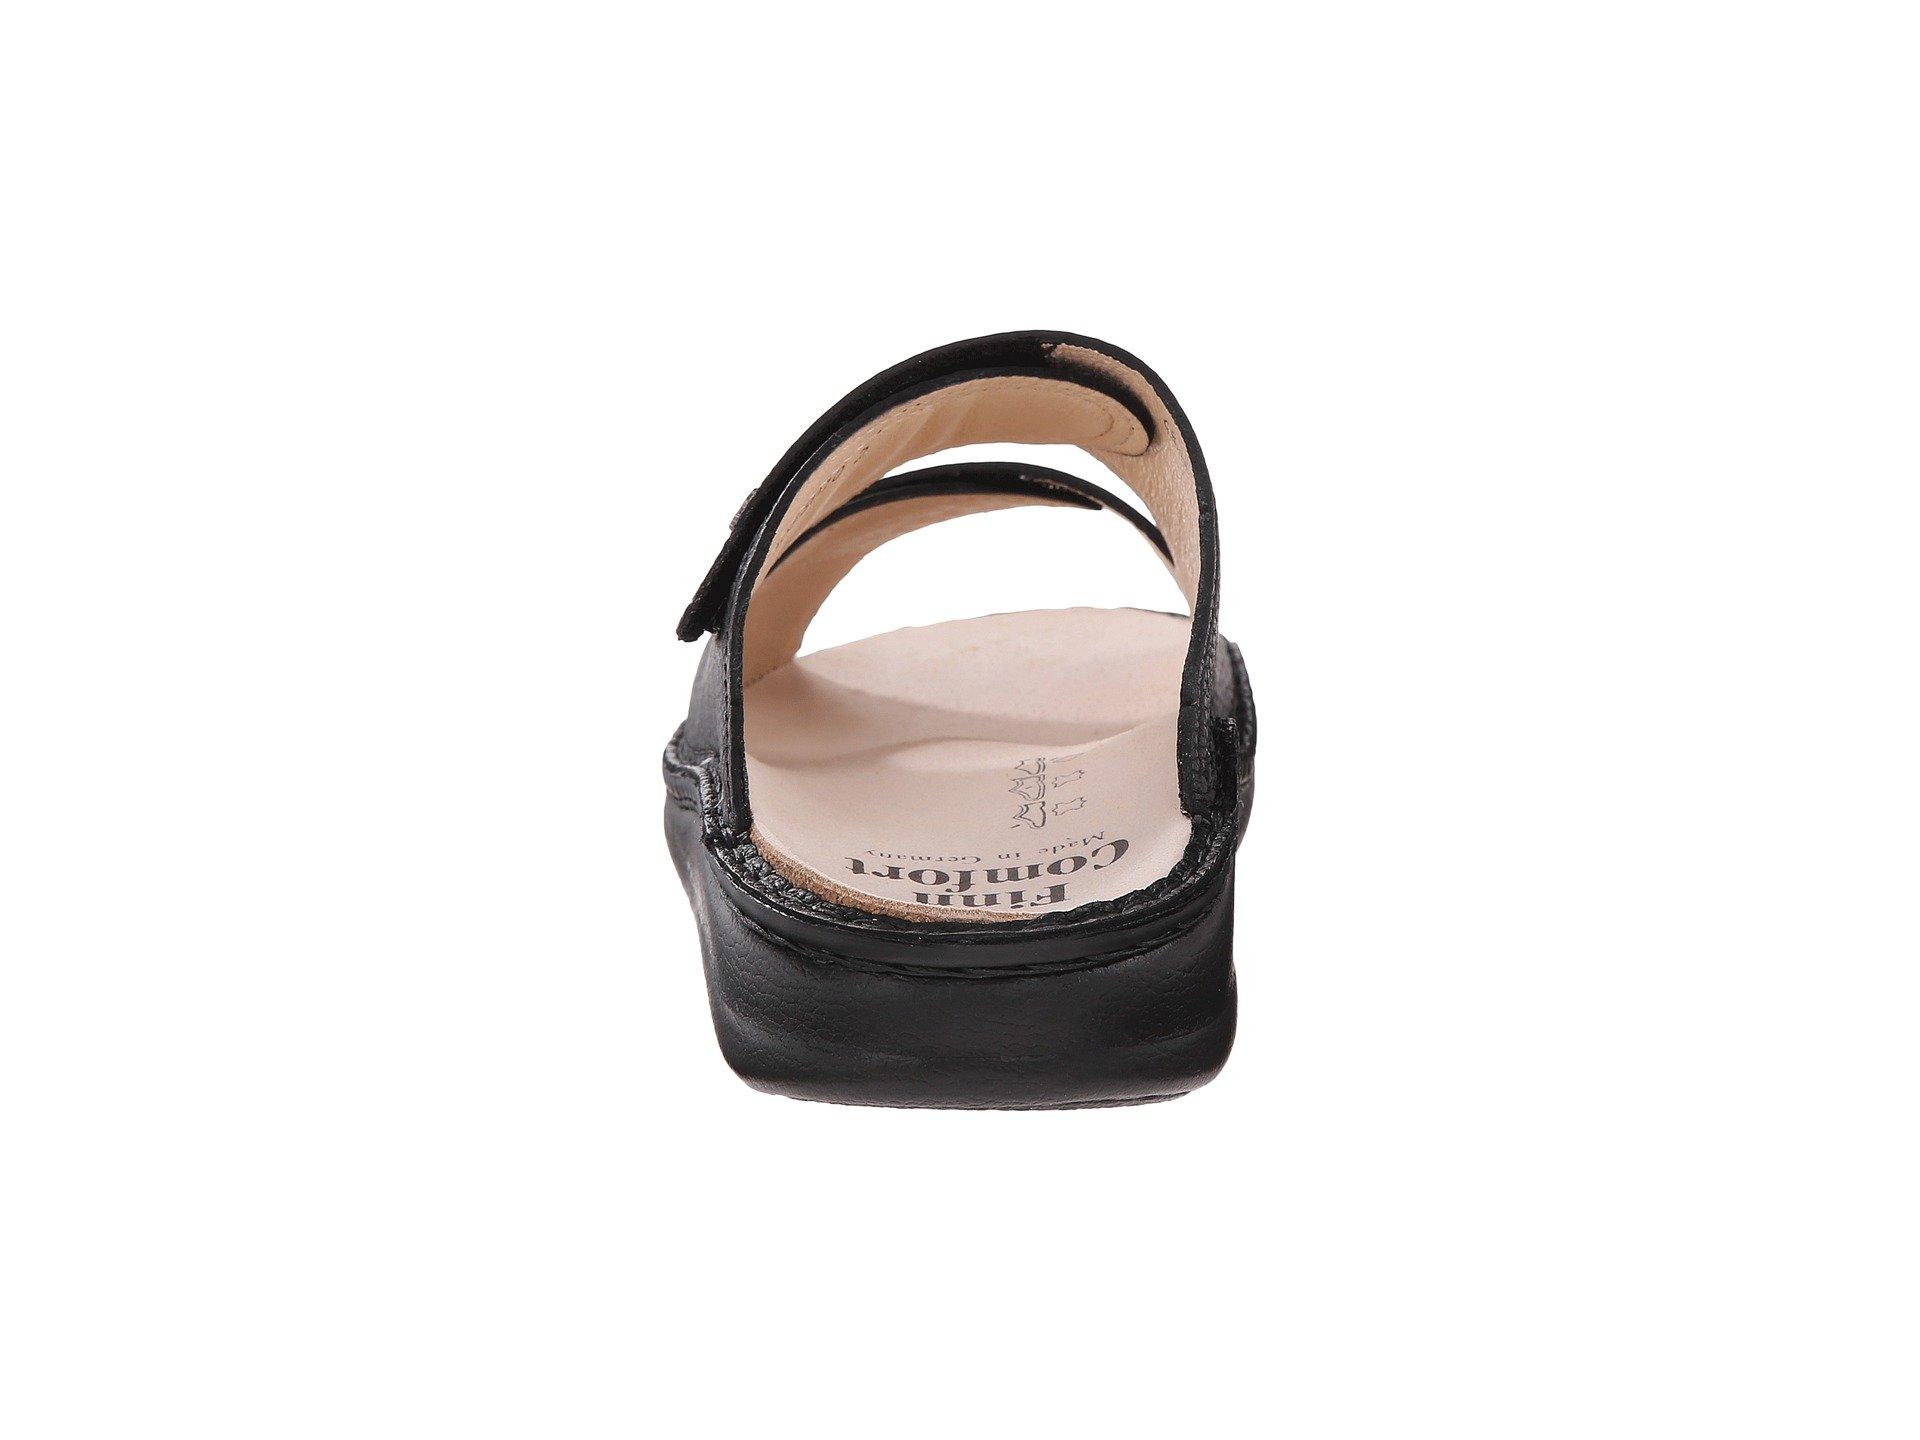 Finn Black Comfort Riad Black Riad Finn 1505 1505 Comfort gqrgv4w